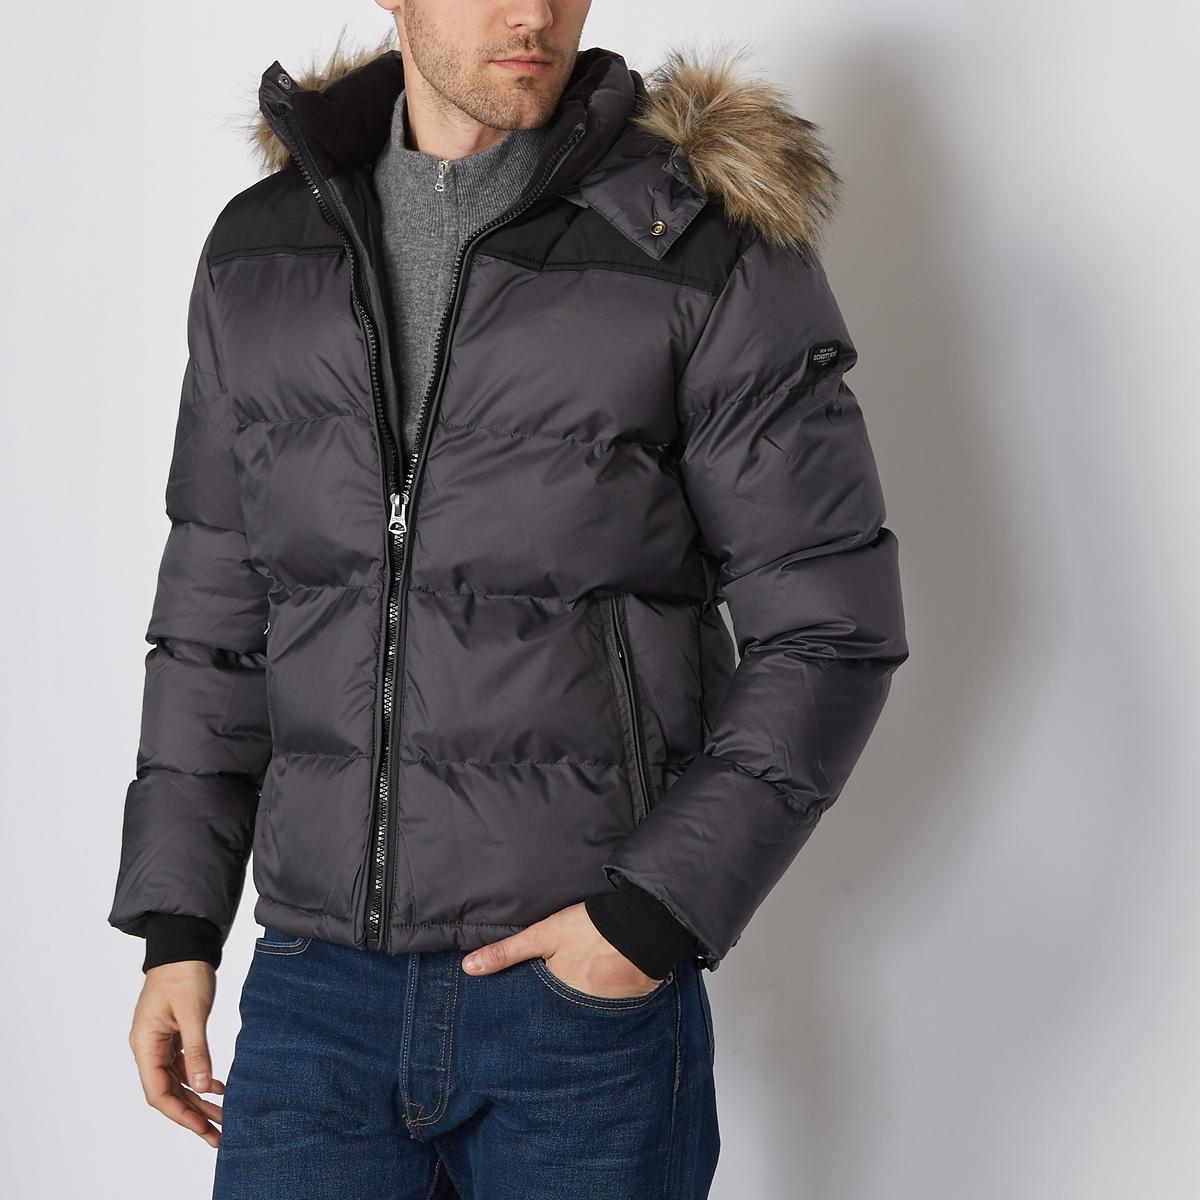 Куртка средней длины с капюшономДетали  •  Длина  : средняя  •  Капюшон  •  Застежка на молнию  •  С капюшоном Состав и уход  •  100% полиамид  •  Следуйте советам по уходу, указанным на этикетке<br><br>Цвет: антрацит/ черный,синий морской,черный/ черный<br>Размер: 3XL